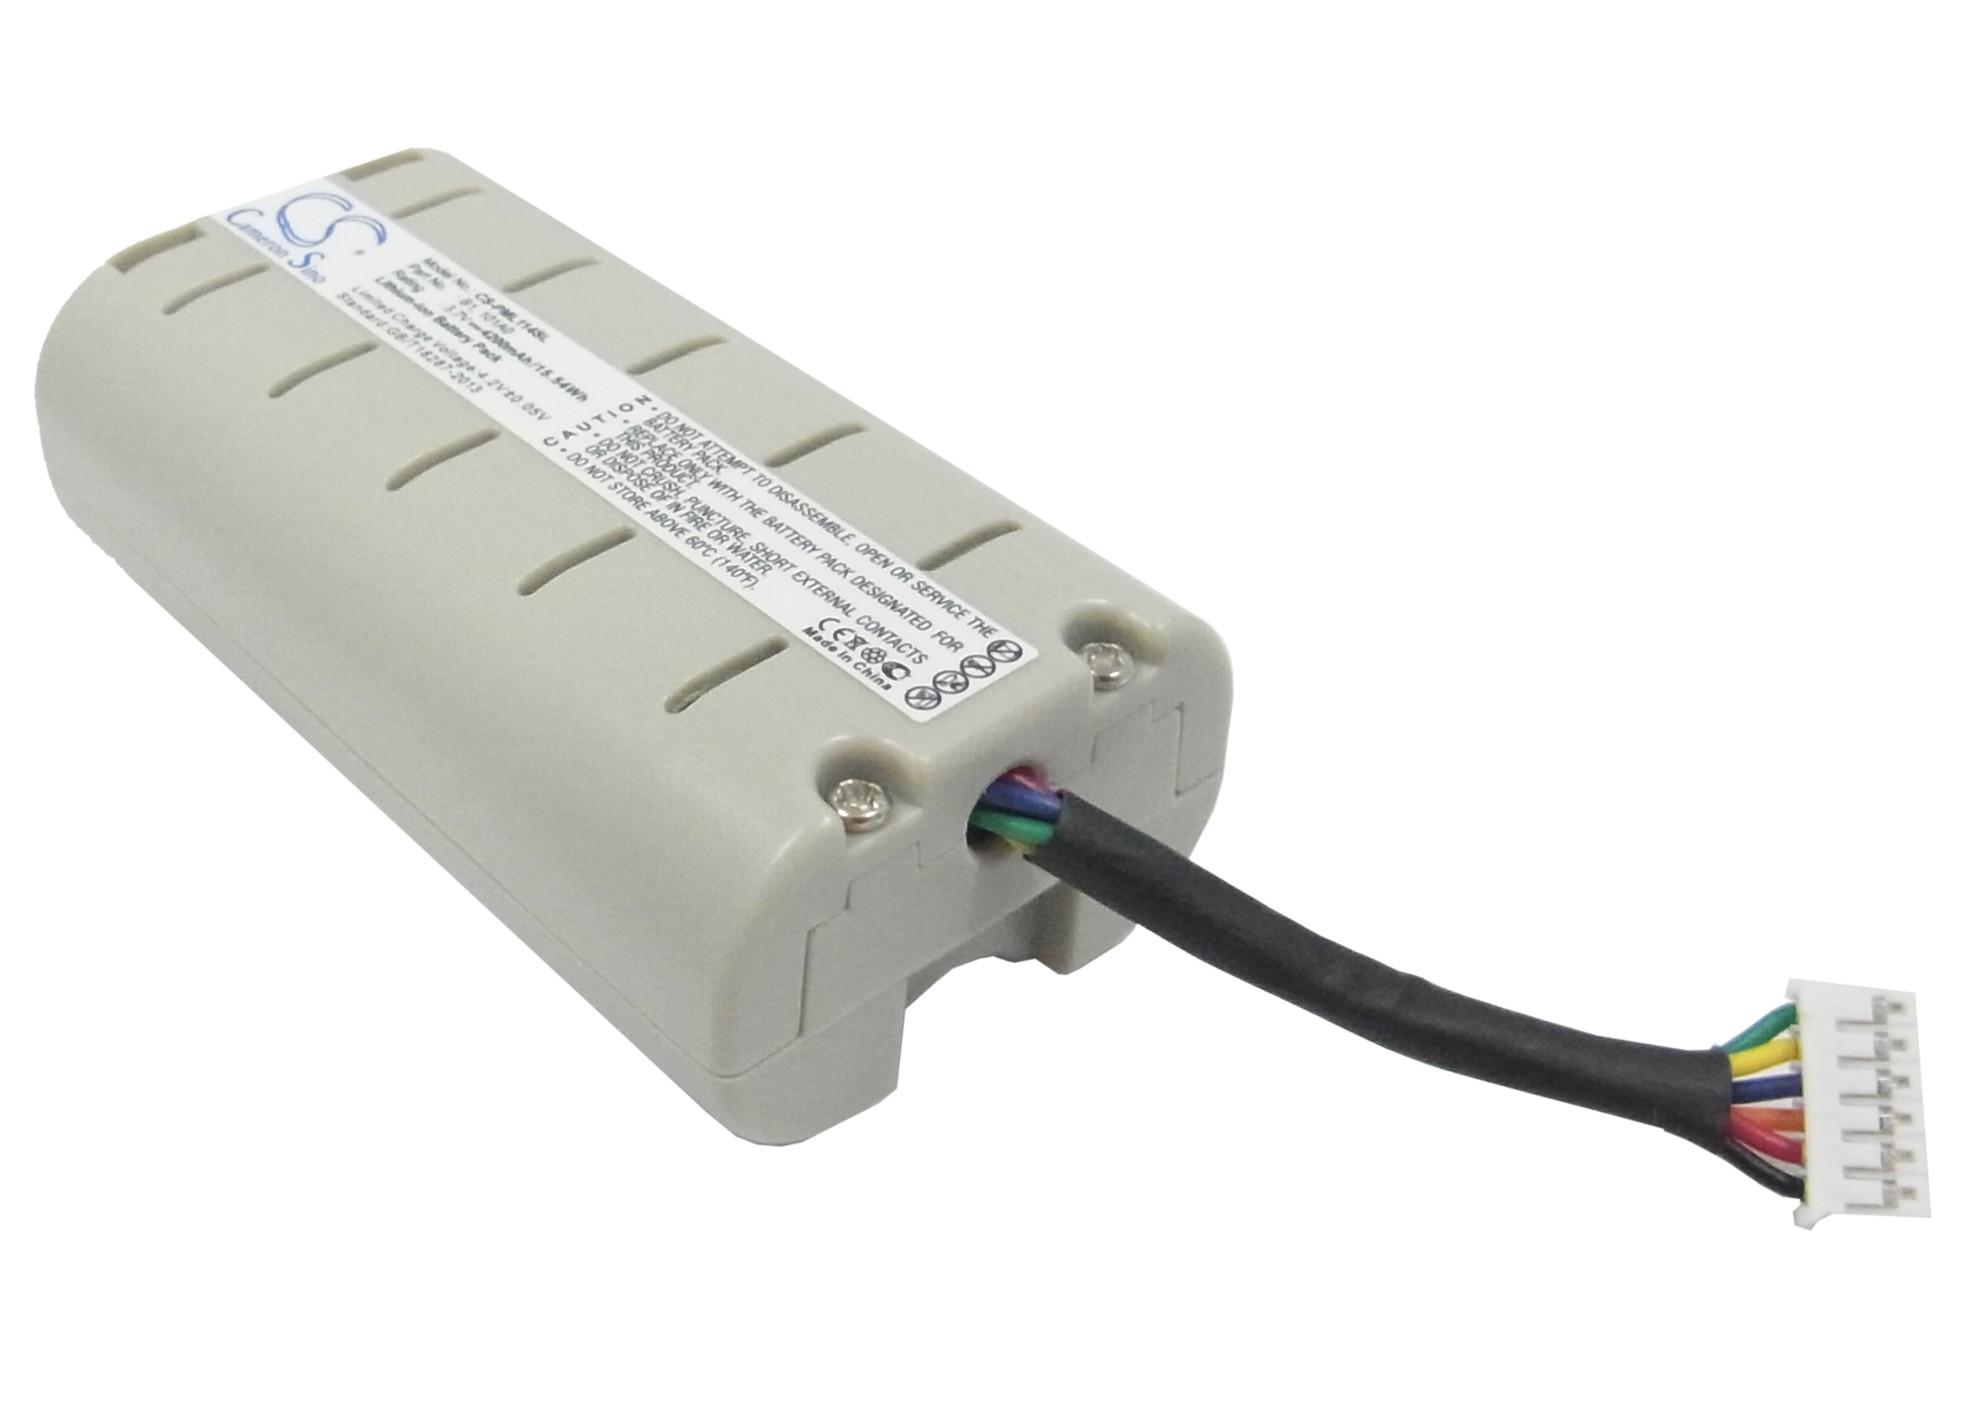 Cameron Sino baterie do digitálních rádií pro PURE Evoke 1 3.7V Li-ion 4200mAh šedá bílá - neoriginální